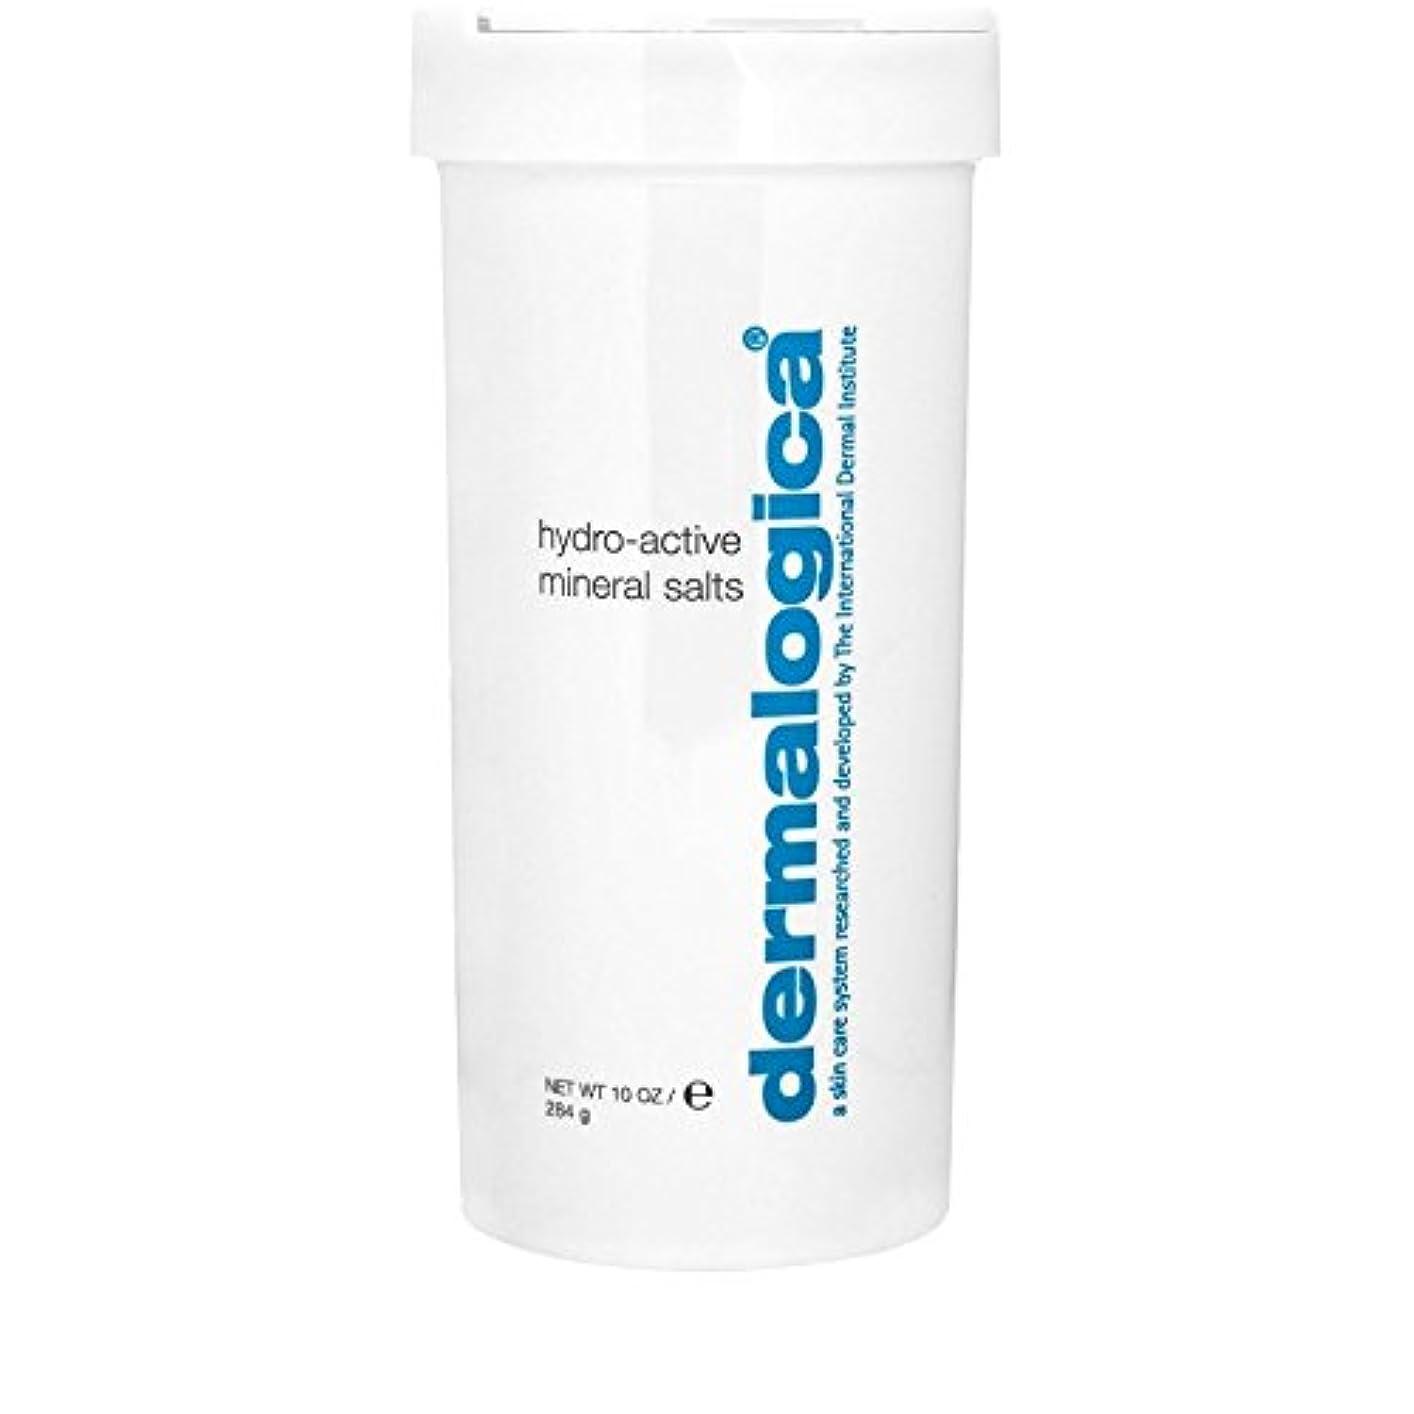 委託コピー報復するダーマロジカ水力アクティブミネラル塩284グラム x4 - Dermalogica Hydro Active Mineral Salt 284g (Pack of 4) [並行輸入品]